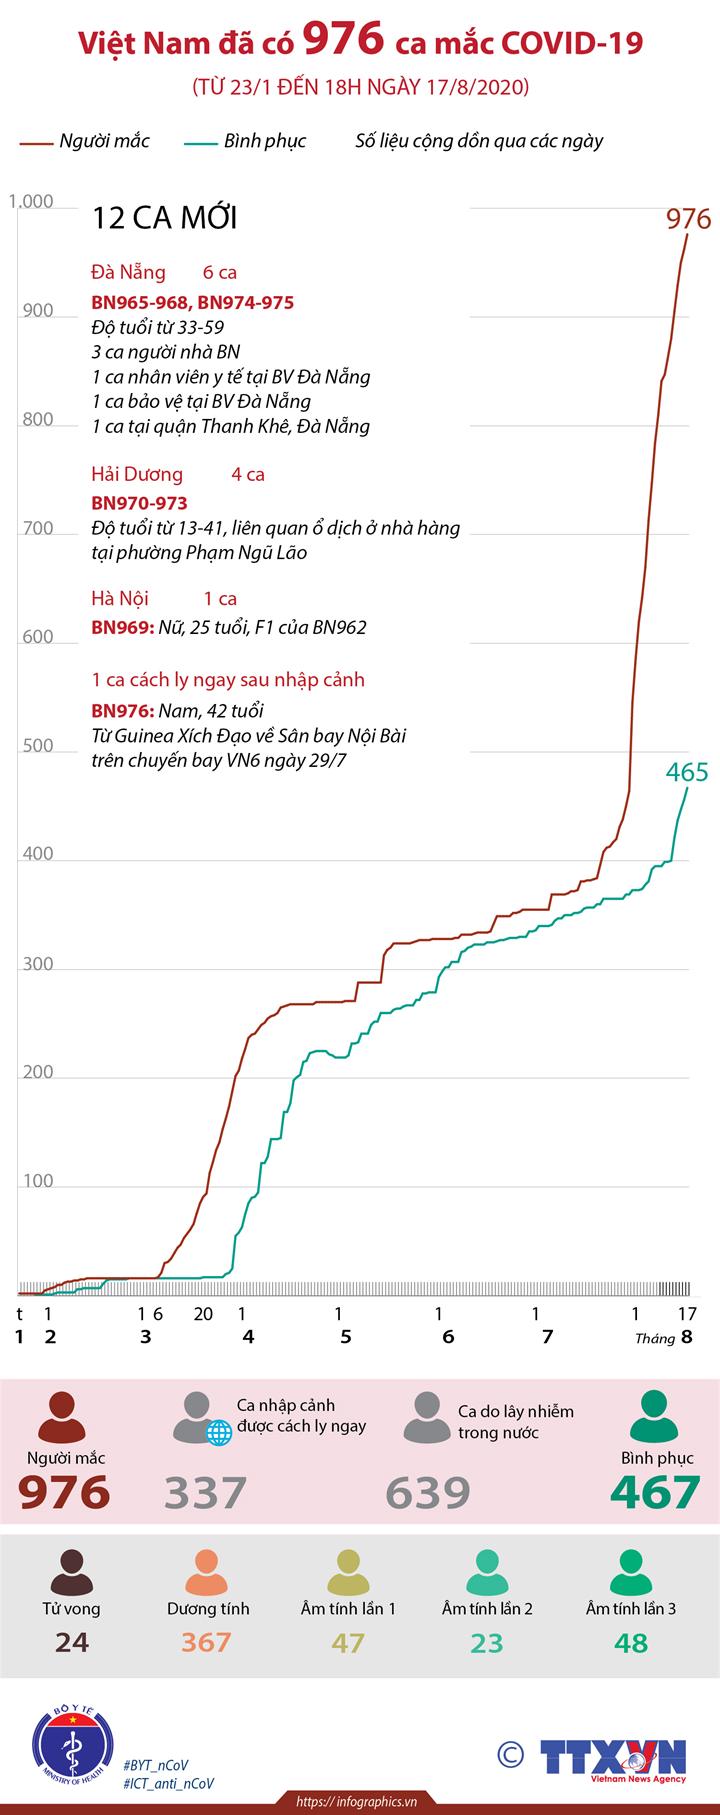 Việt Nam đã có 976 ca mắc COVID-19 (từ 23/1 đến 18h ngày 17/8/2020)